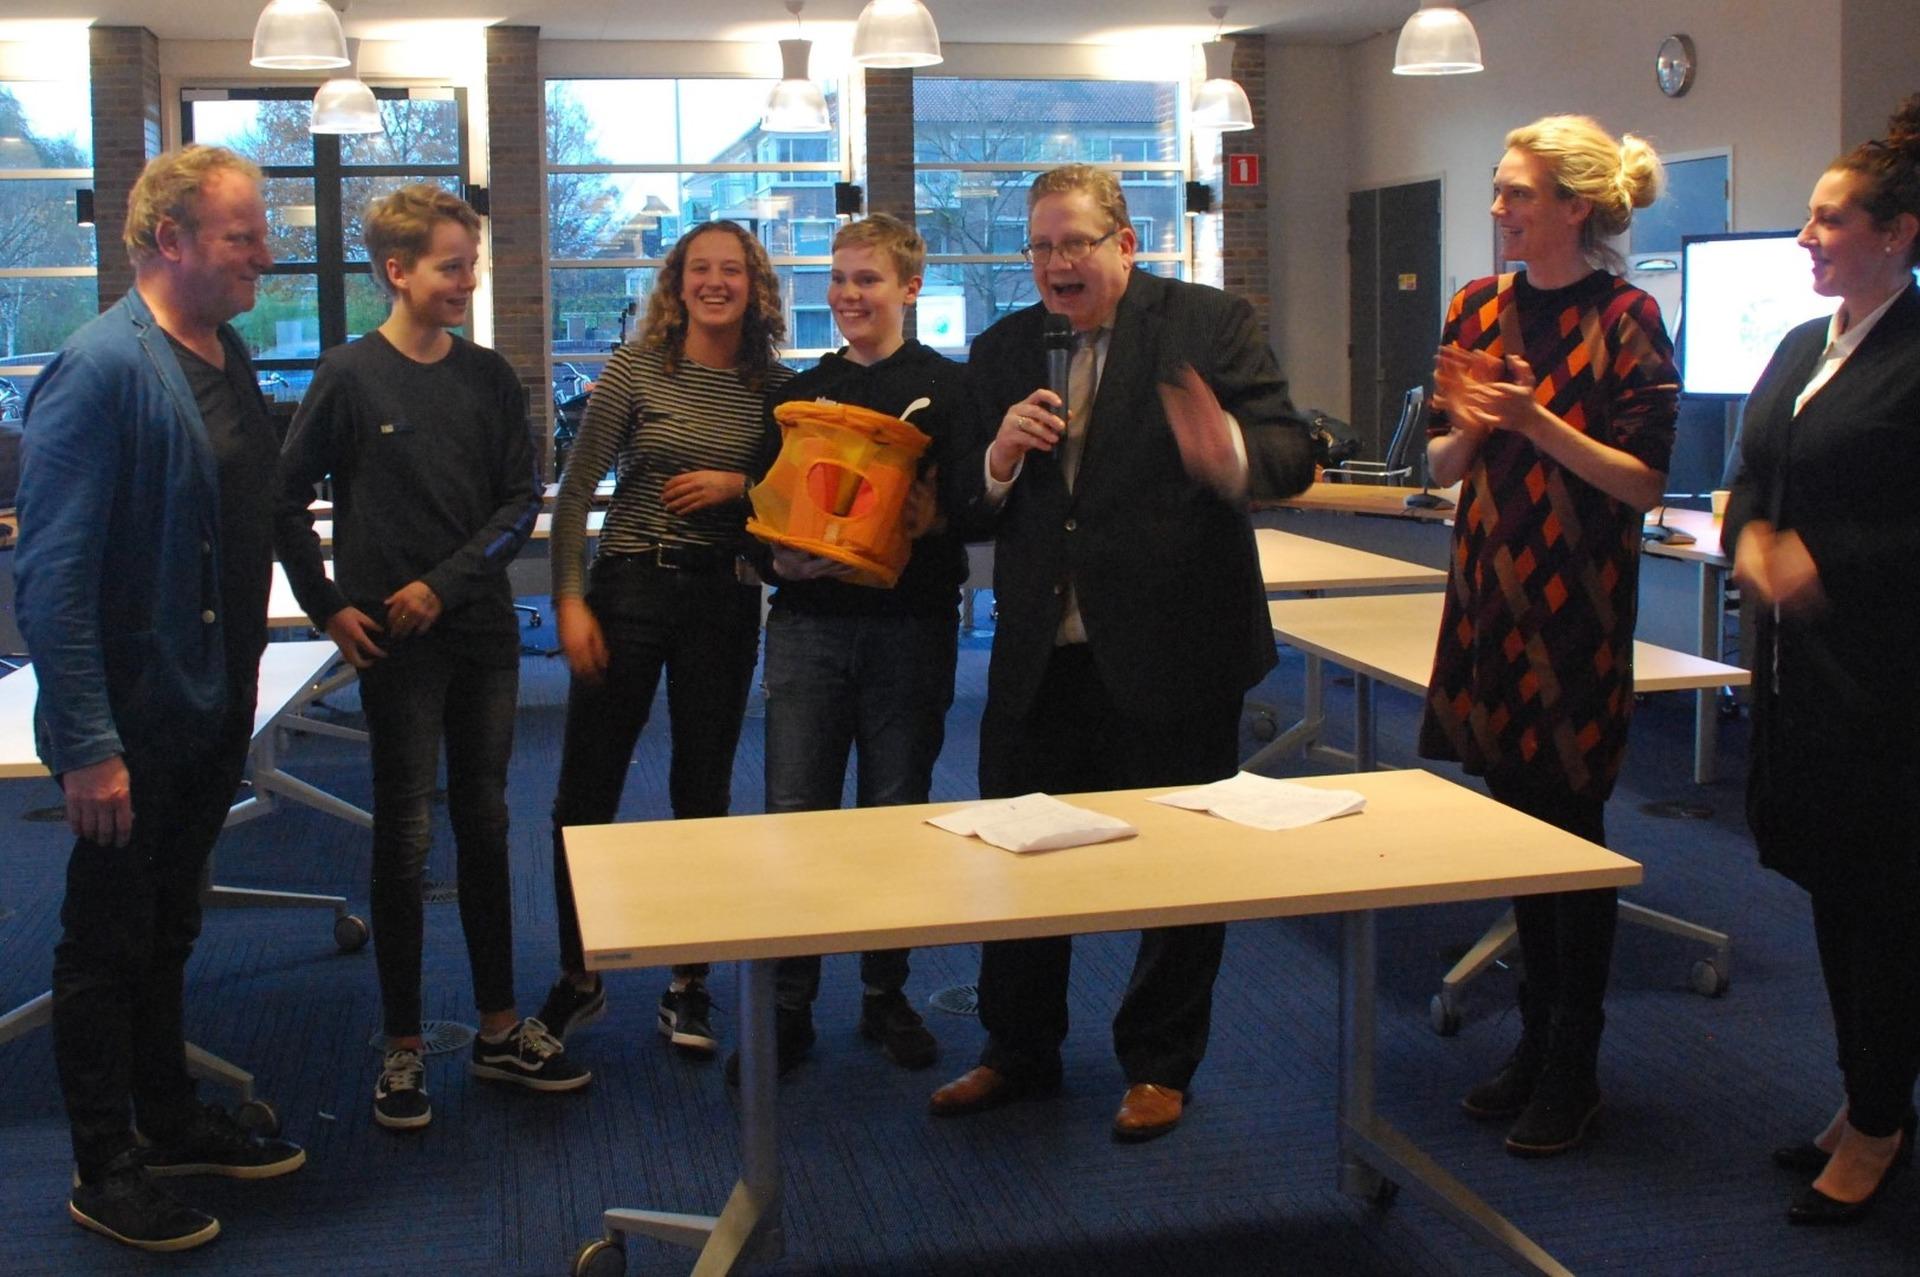 Kuub Blokkenspel wint wedstrijd – ontwerp een product gemaakt van afval